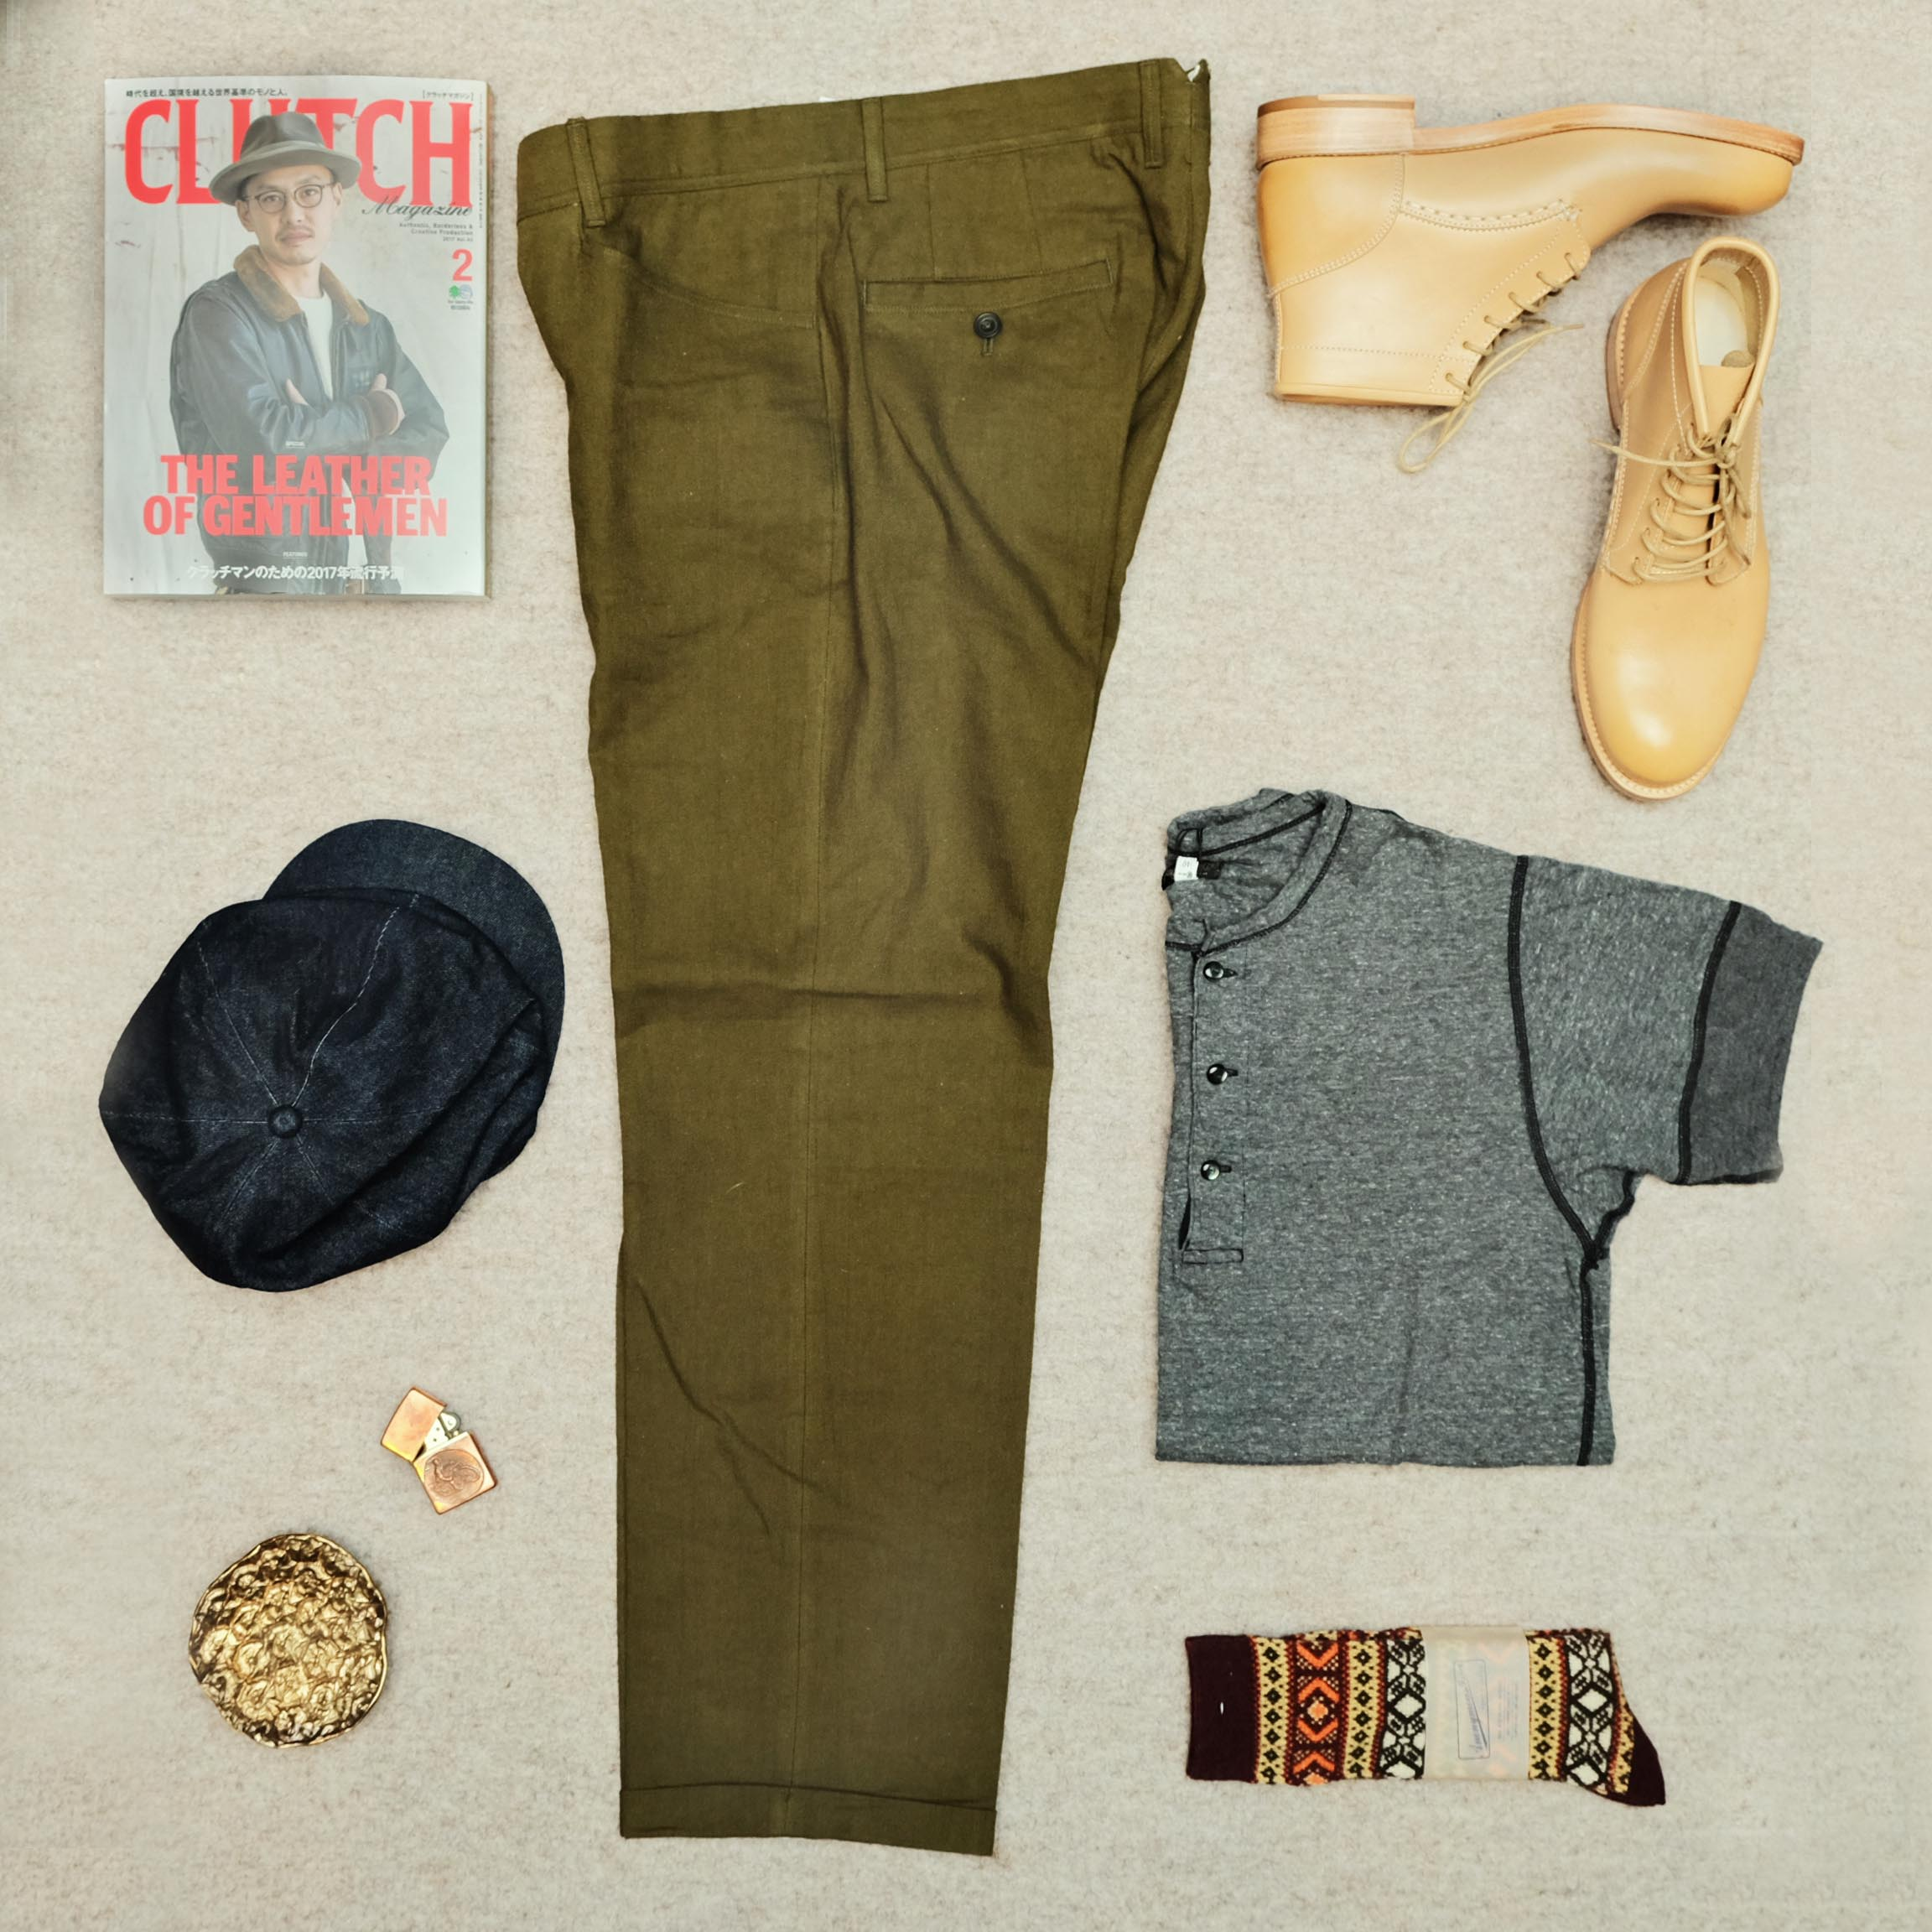 outfit-shuttlenotes-blacksign-clutch-buttsandshoulders-feinschmuck-madebyscrub